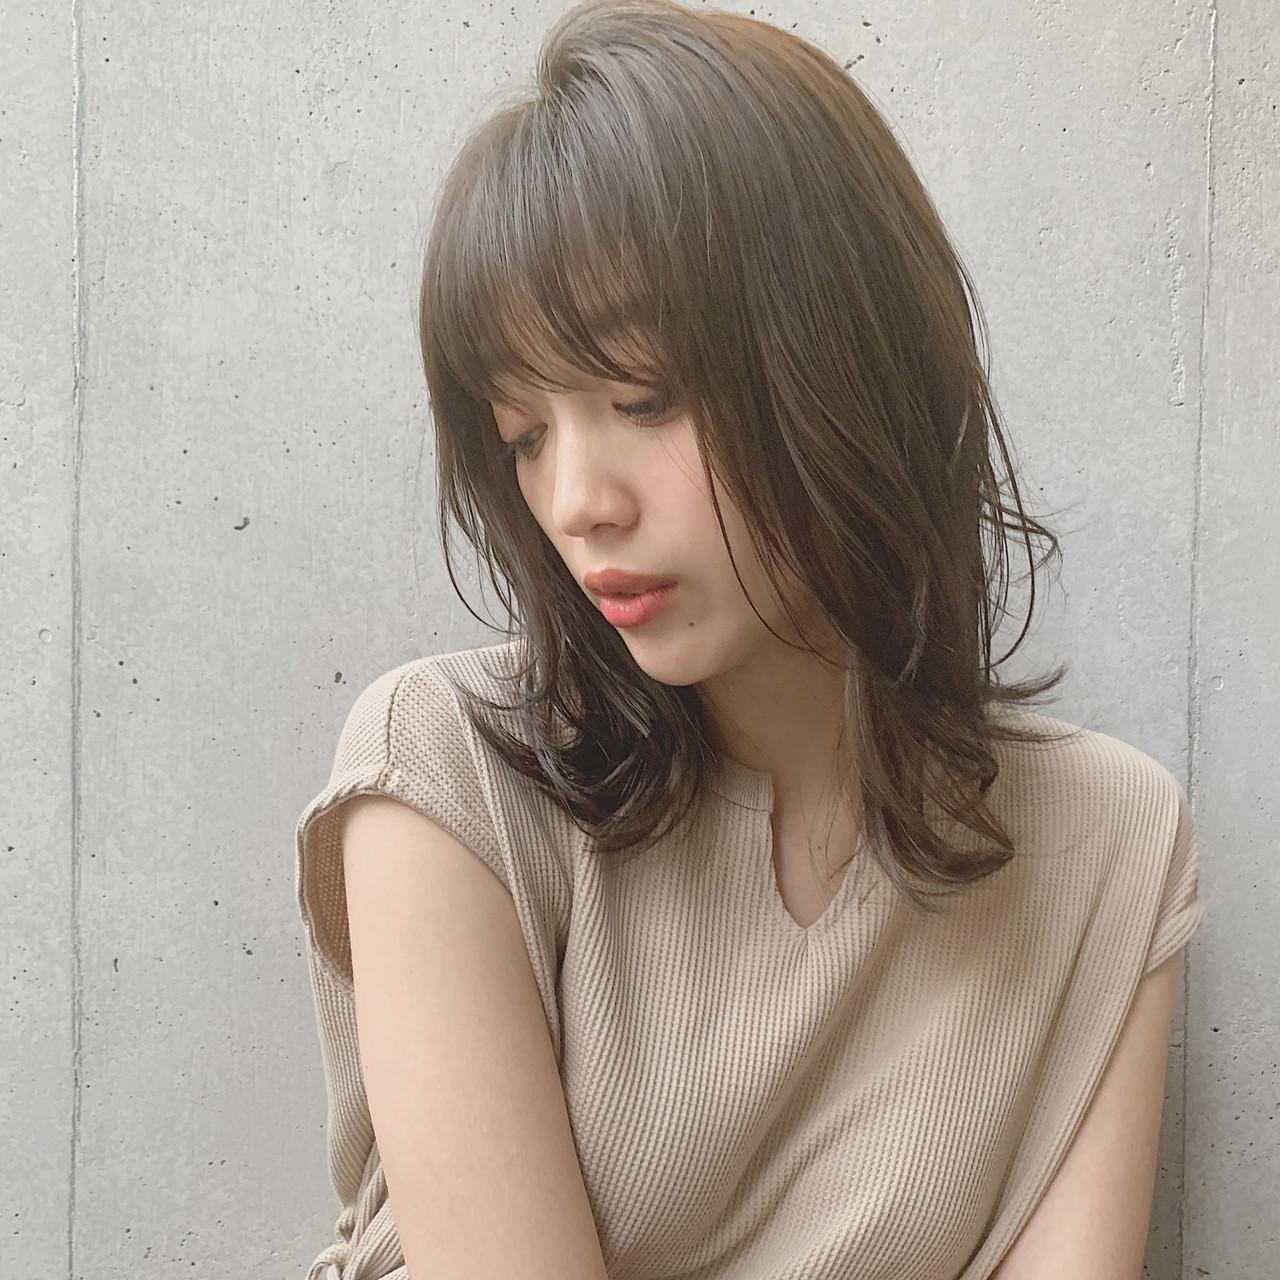 レイヤーカット ミディアム 鎖骨ミディアム ナチュラル ヘアスタイルや髪型の写真・画像 | miu 【Agnos青山】 / Agnos 青山